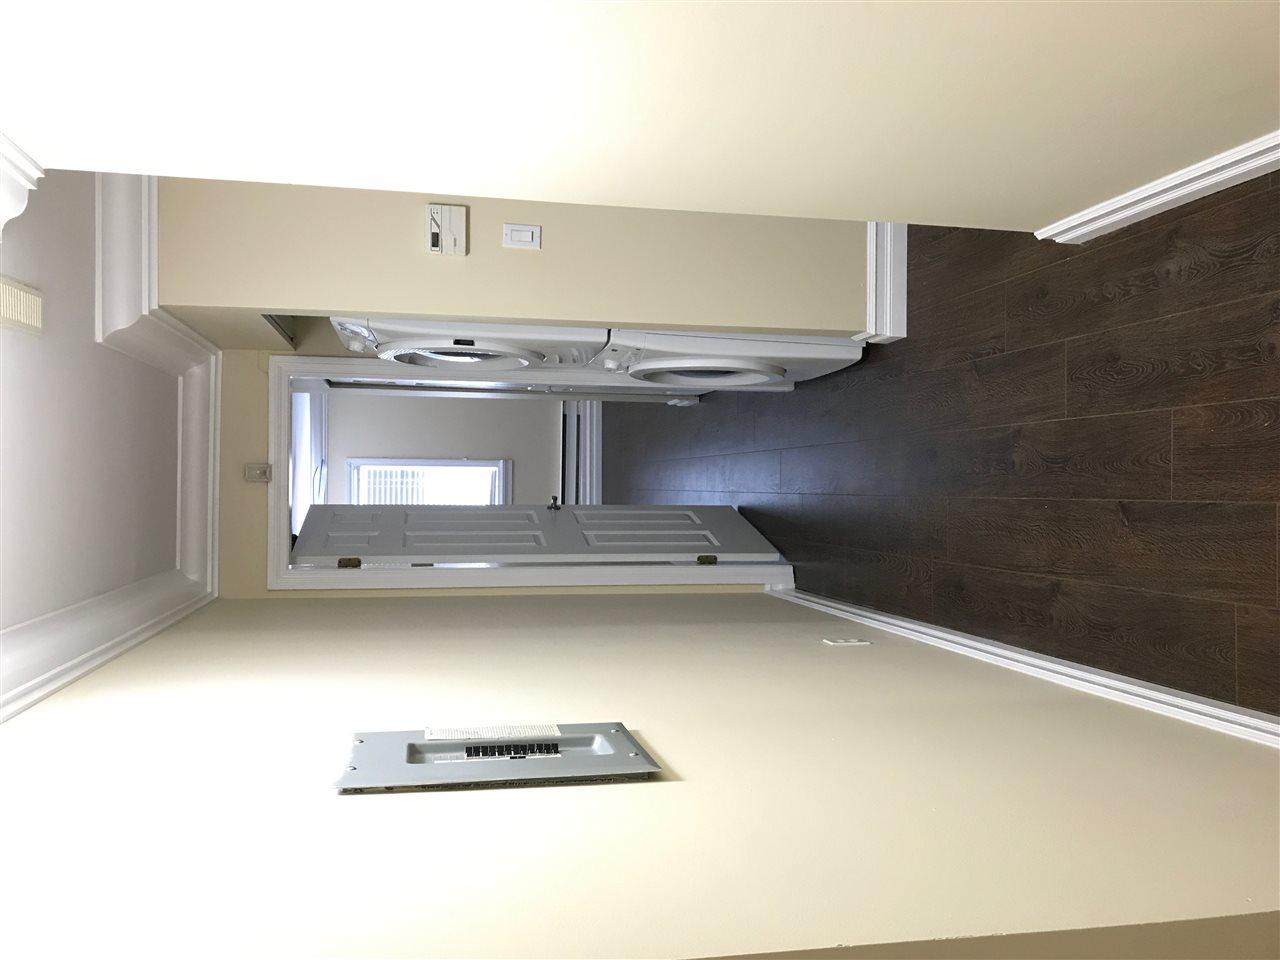 Condo Apartment at 102 13490 HILTON ROAD, Unit 102, North Surrey, British Columbia. Image 5